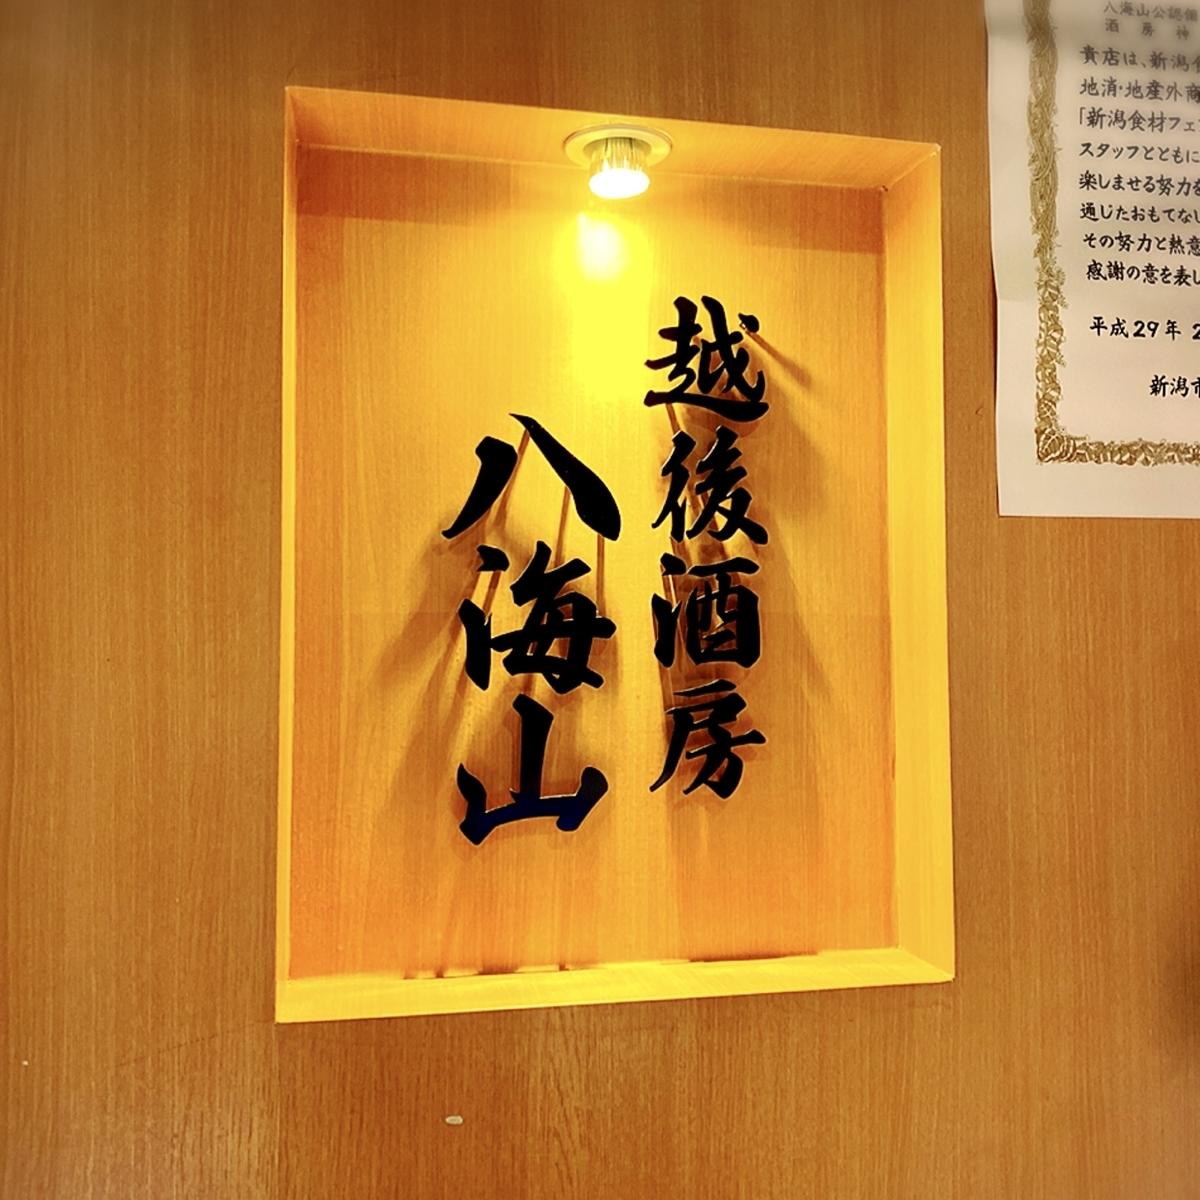 「越後酒房 八海山 神楽坂店」はデートから宴会まで日本酒好きにはたまらない居酒屋でした